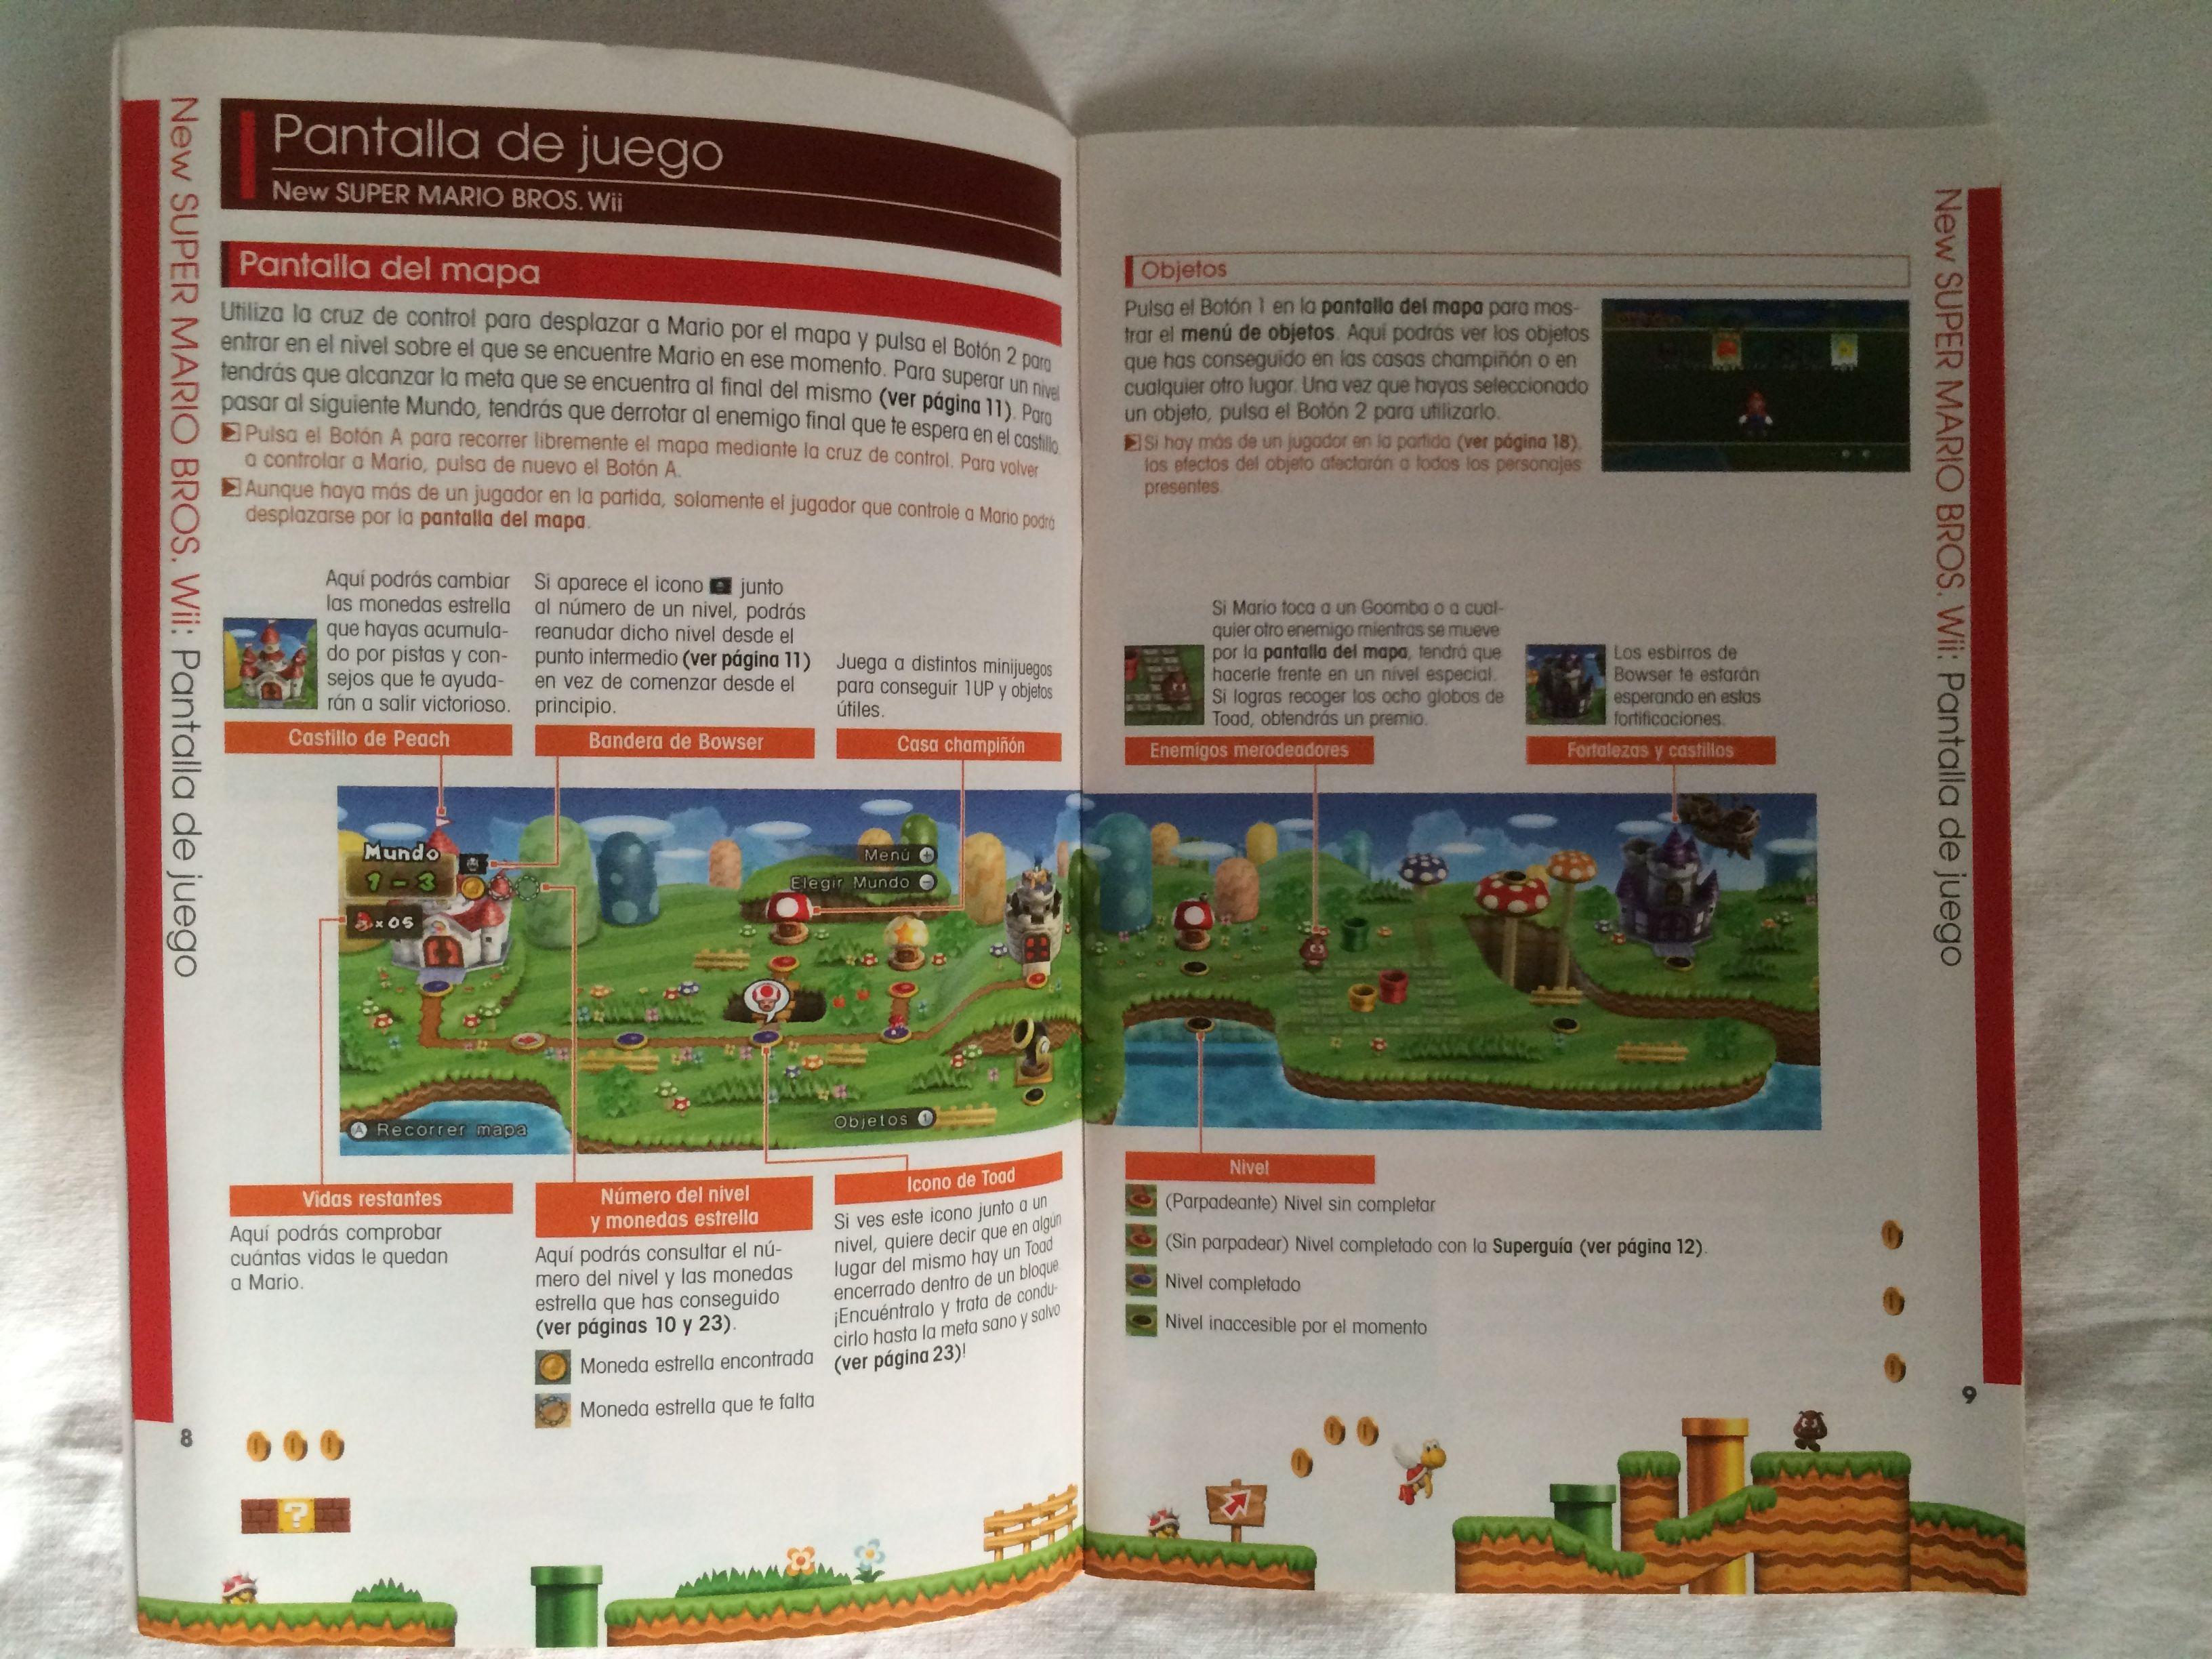 New Super Mario Bros Wii manual page. | New Super Mario Bros Wii ...